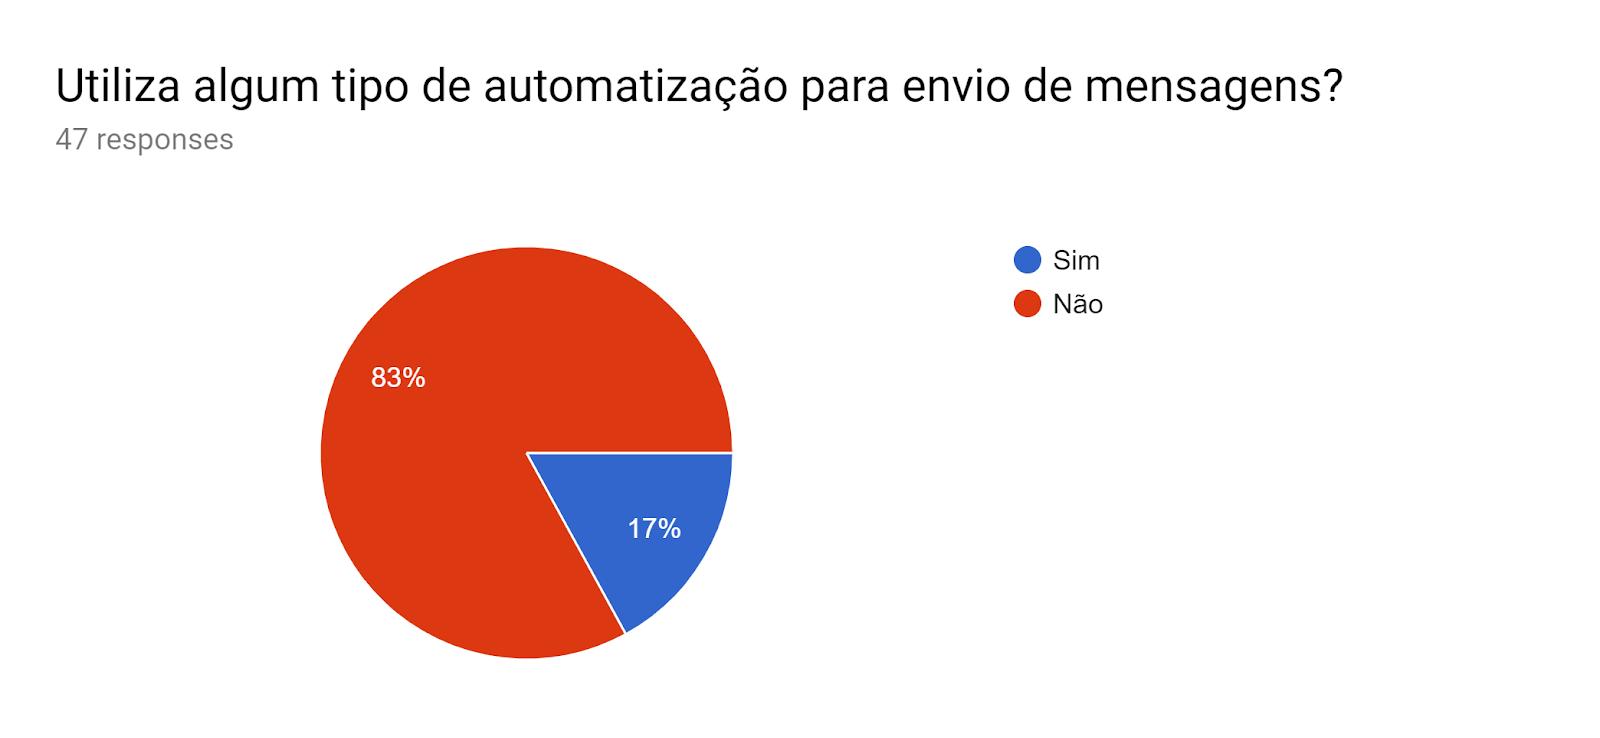 Forms response chart. Question title: Utiliza algum tipo de automatização para envio de mensagens? . Number of responses: 47 responses.